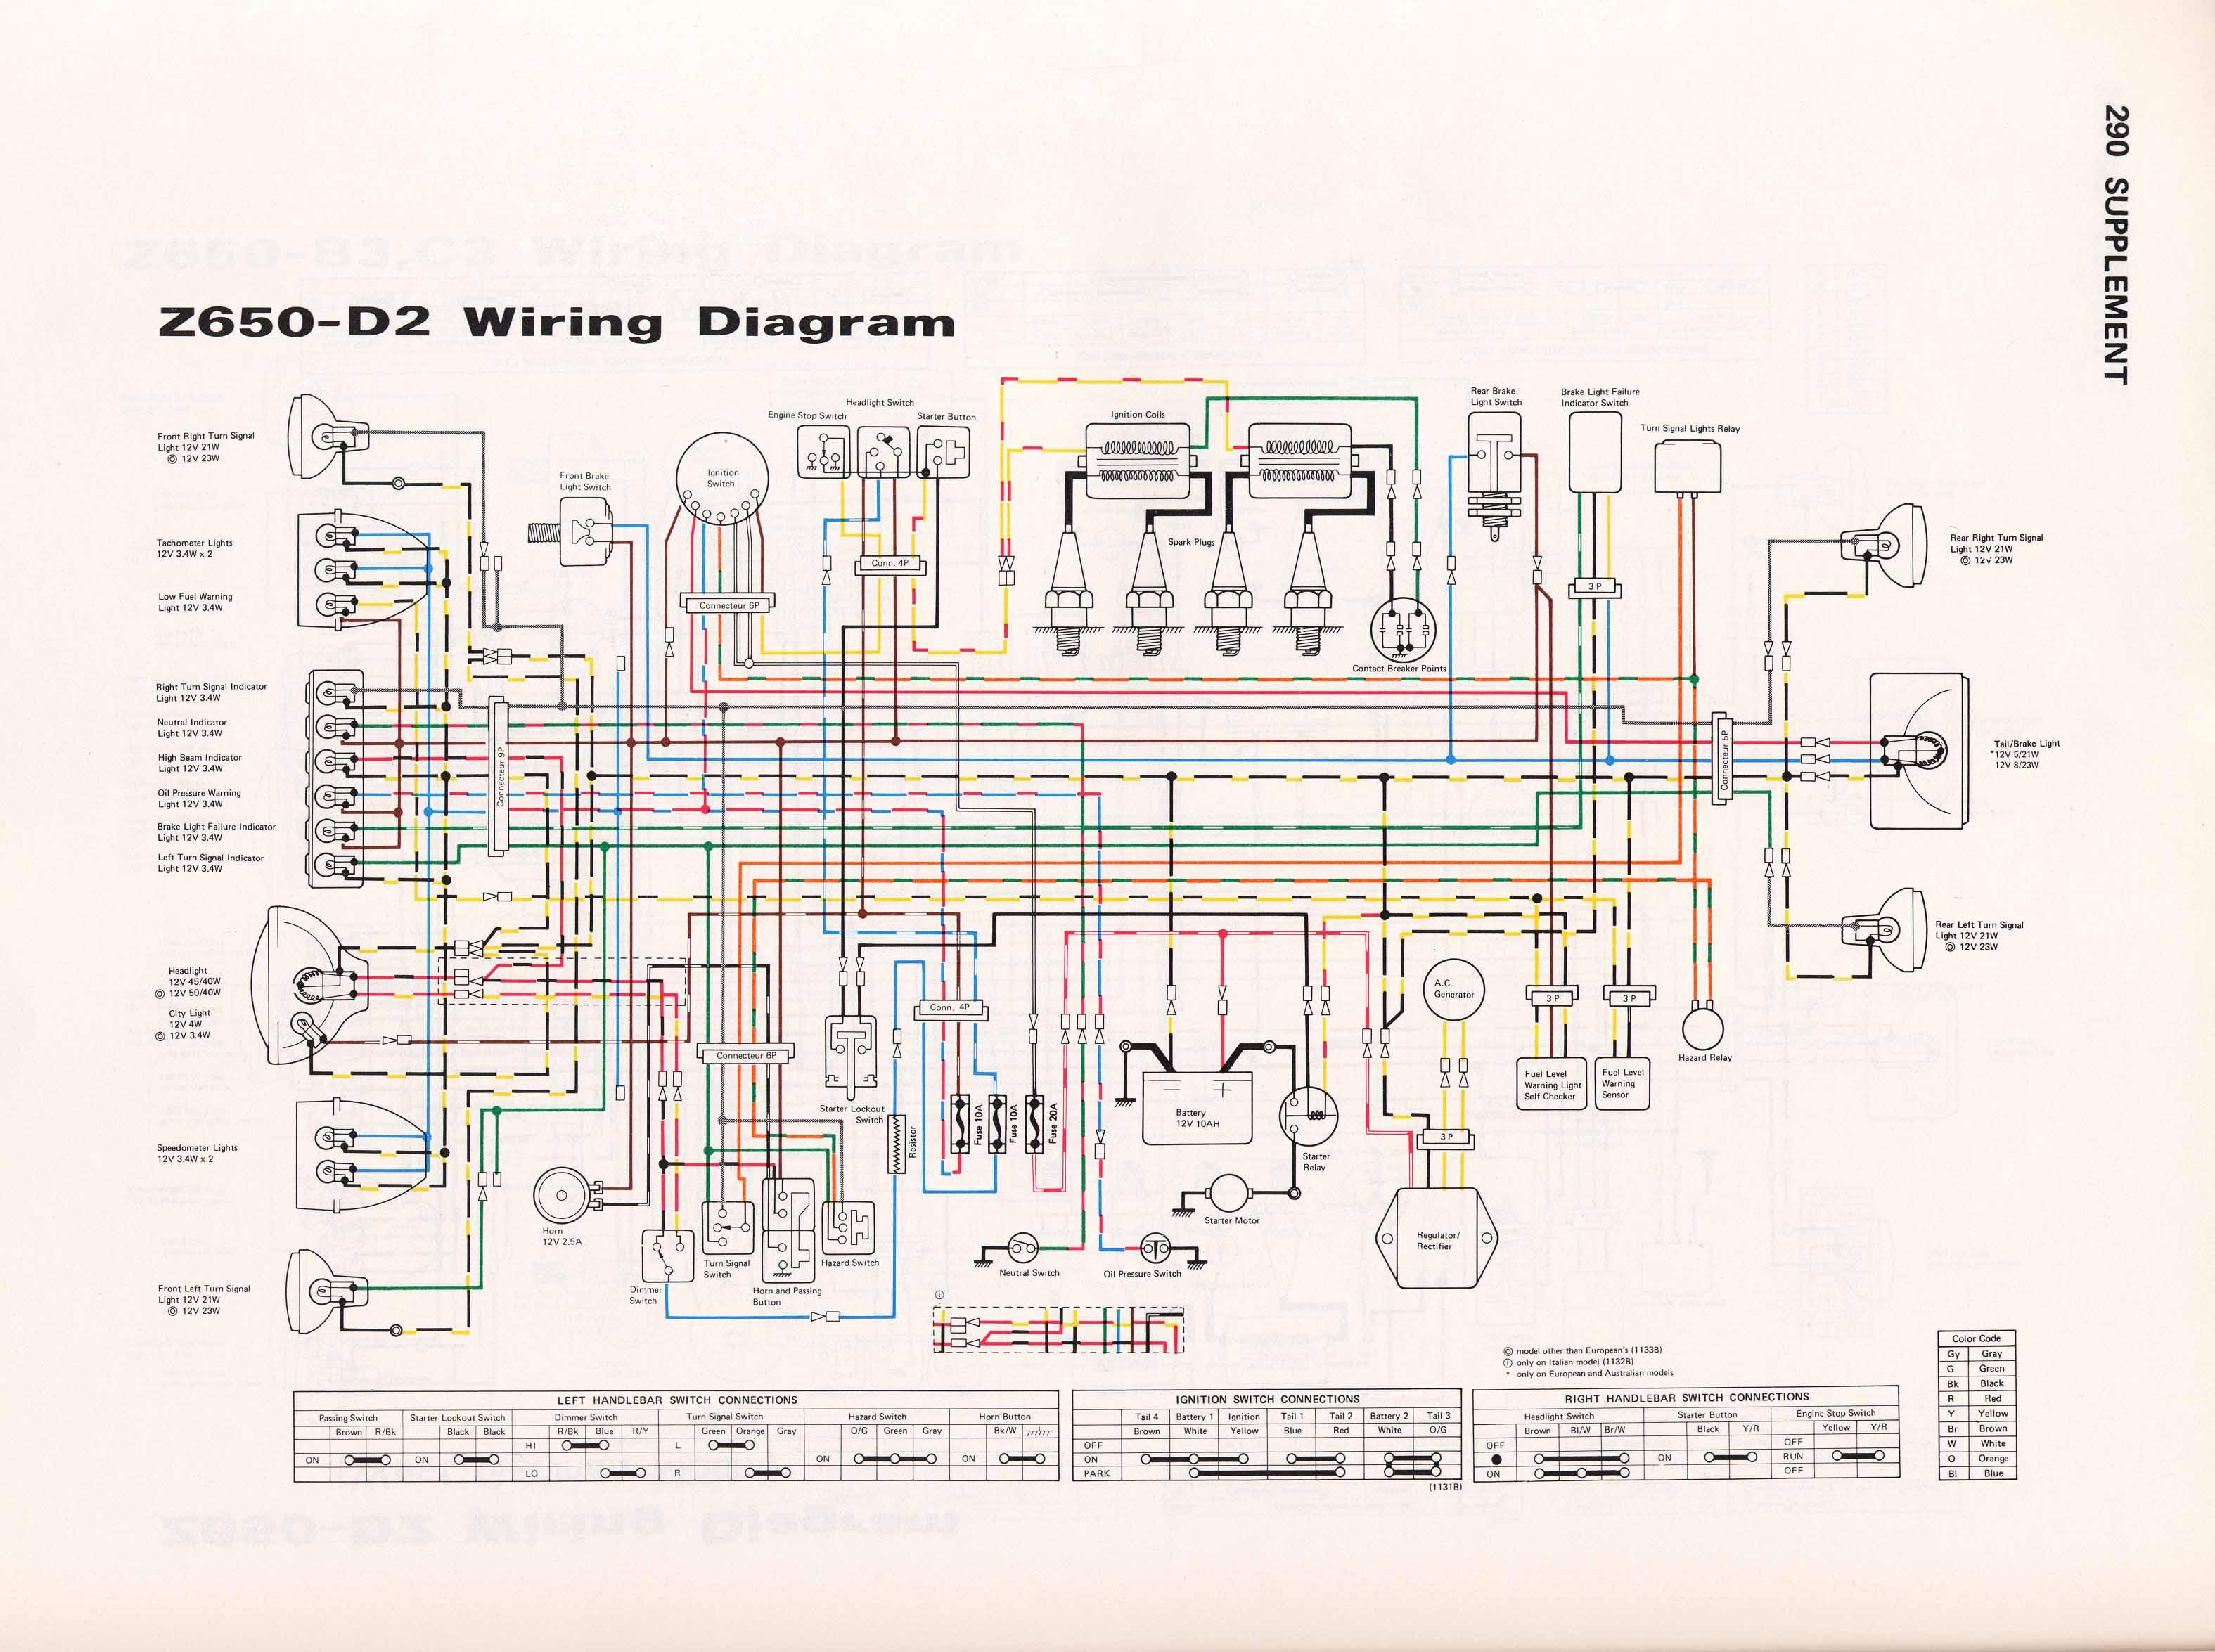 Schéma électrique er6n